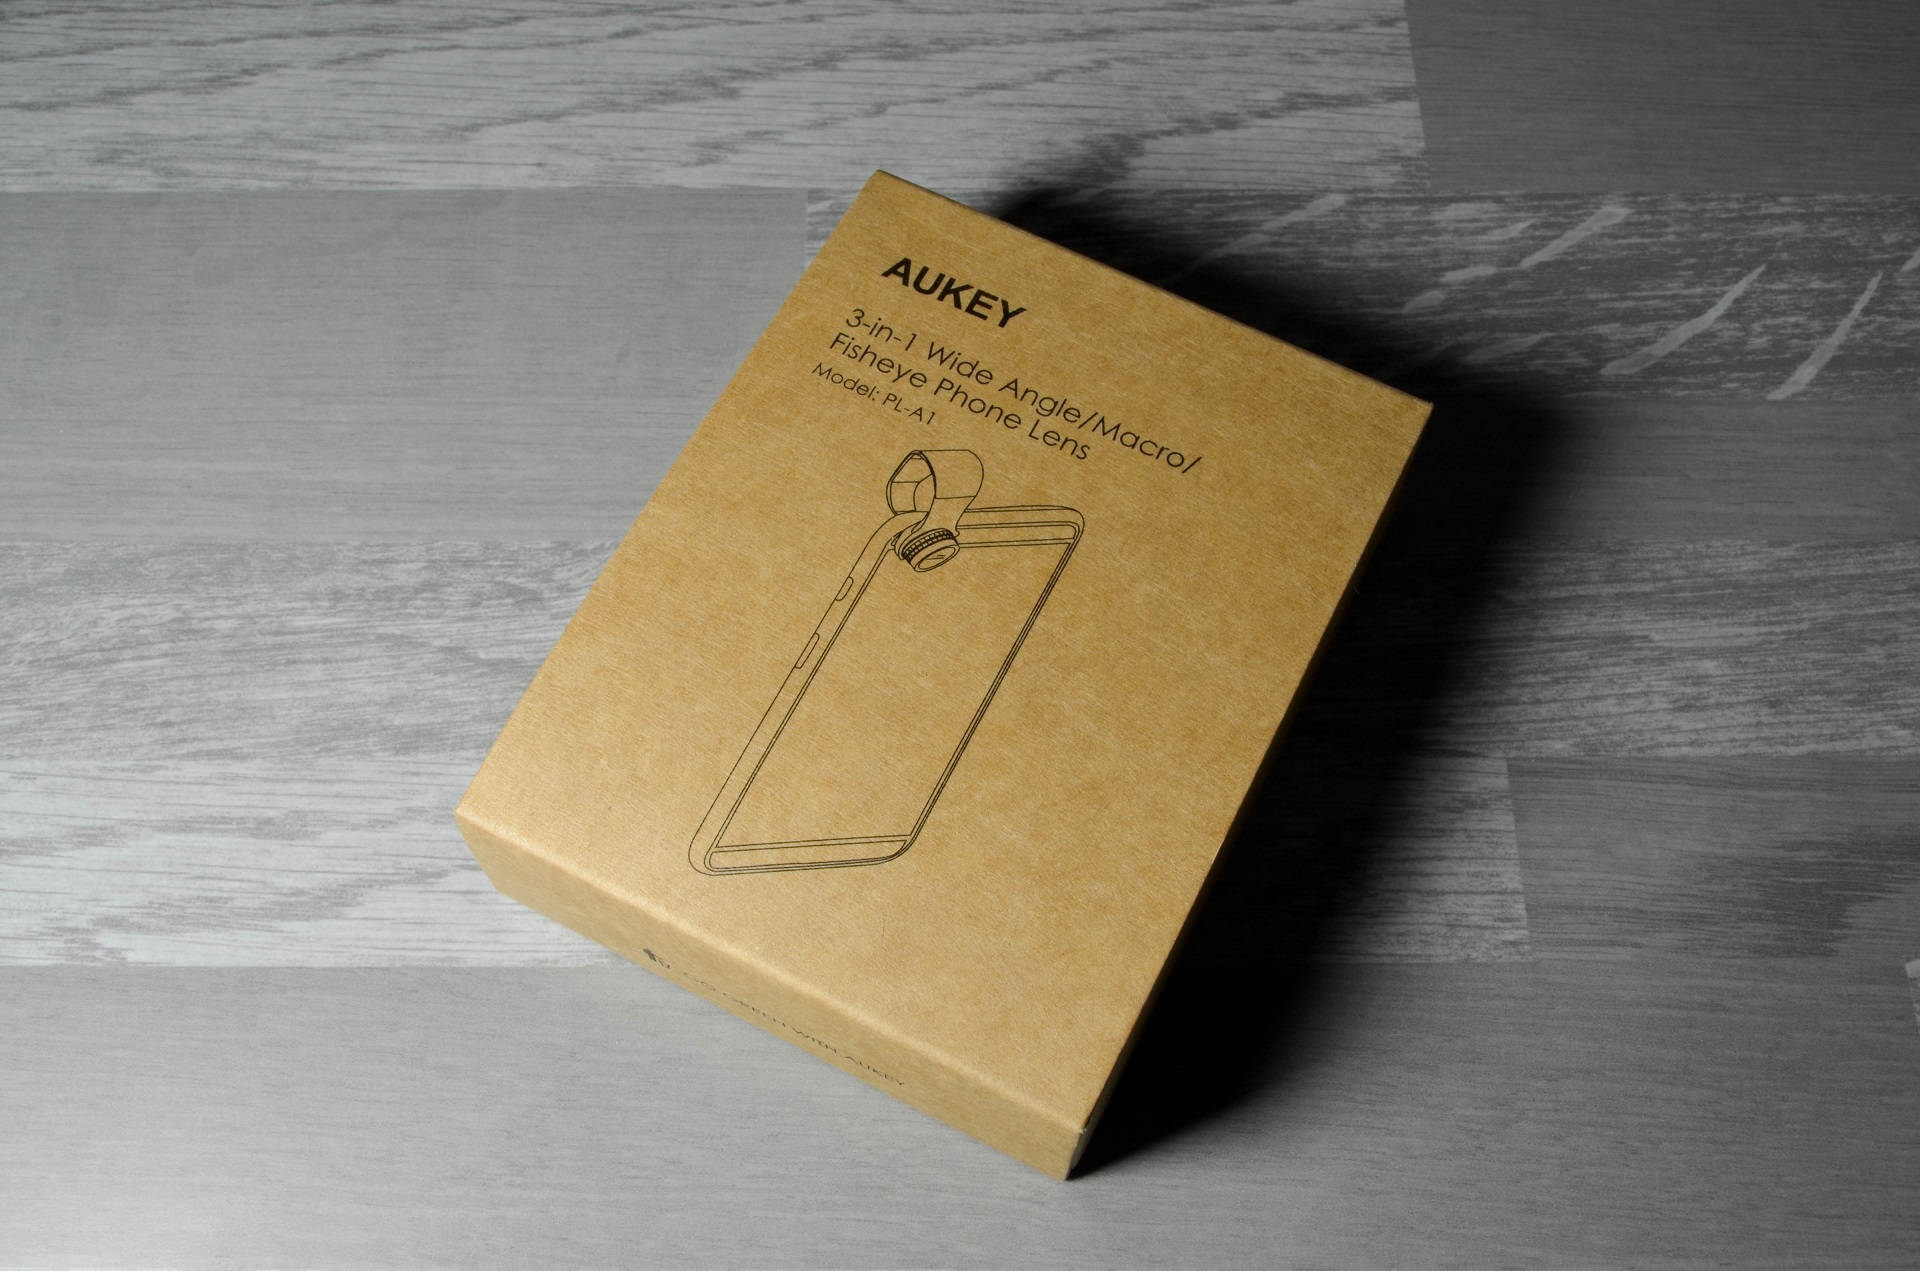 Aukey_Fisheye